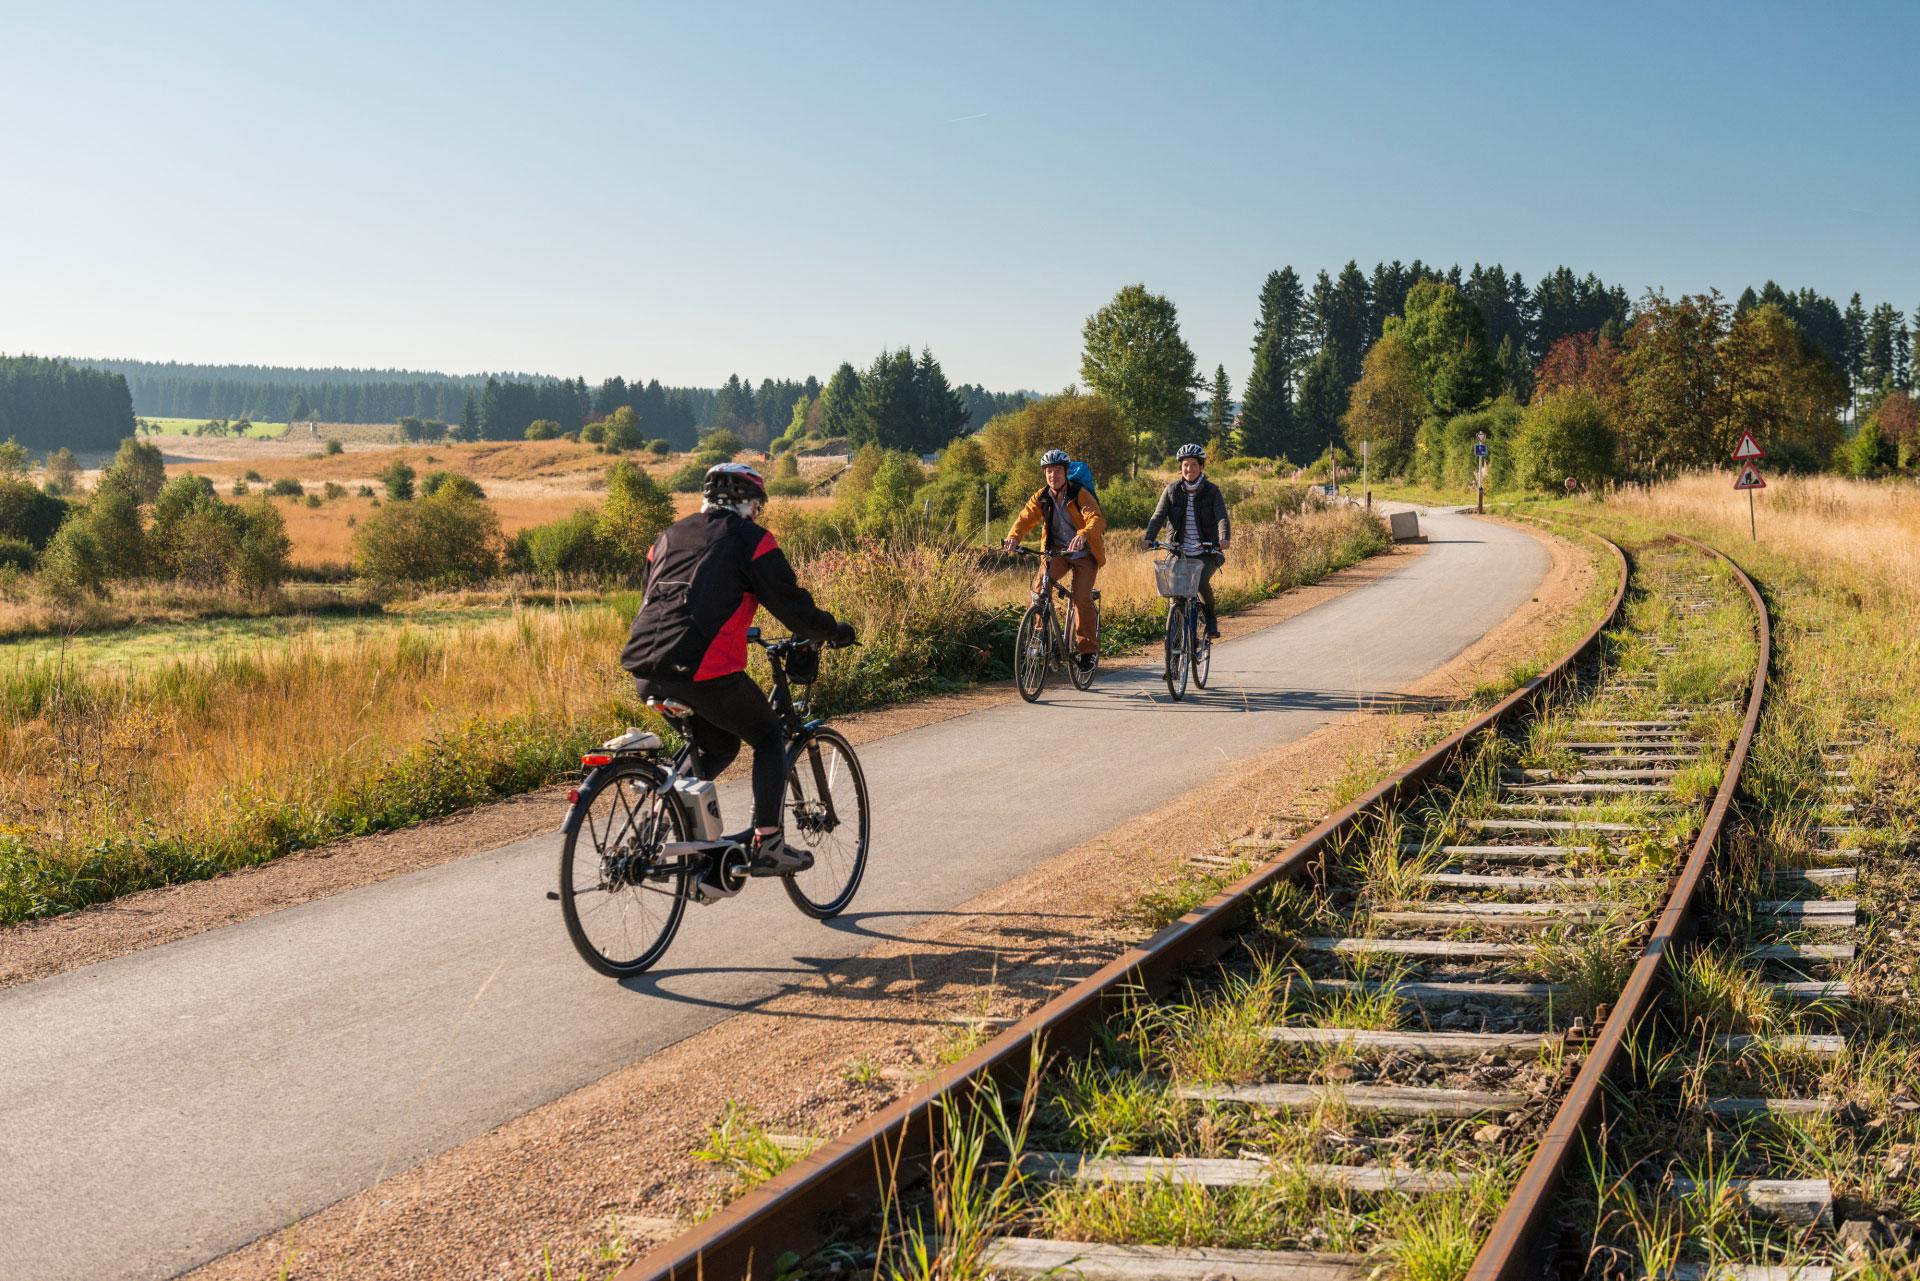 La Vennbahn - route cyclable - 3 Pays - Aix-la-Chapelle - Allemagne - Cantons de l'Est - Belgique - Troisvierges - Grand-Duché de Luxembourg